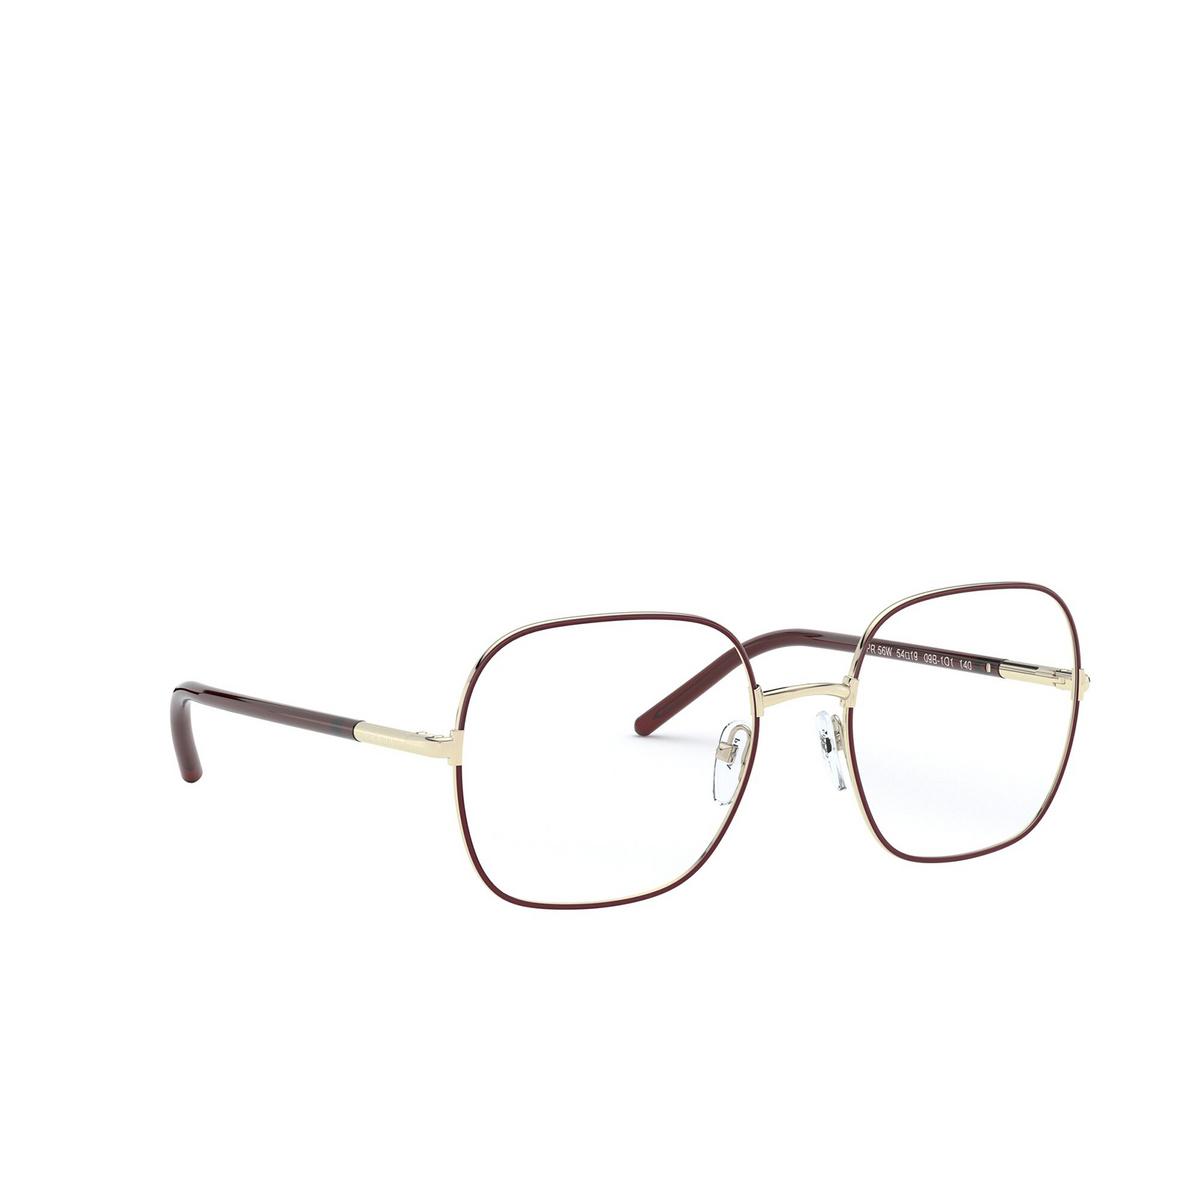 Prada® Rectangle Eyeglasses: PR 56WV color Bordeaux 09B1O1 - three-quarters view.